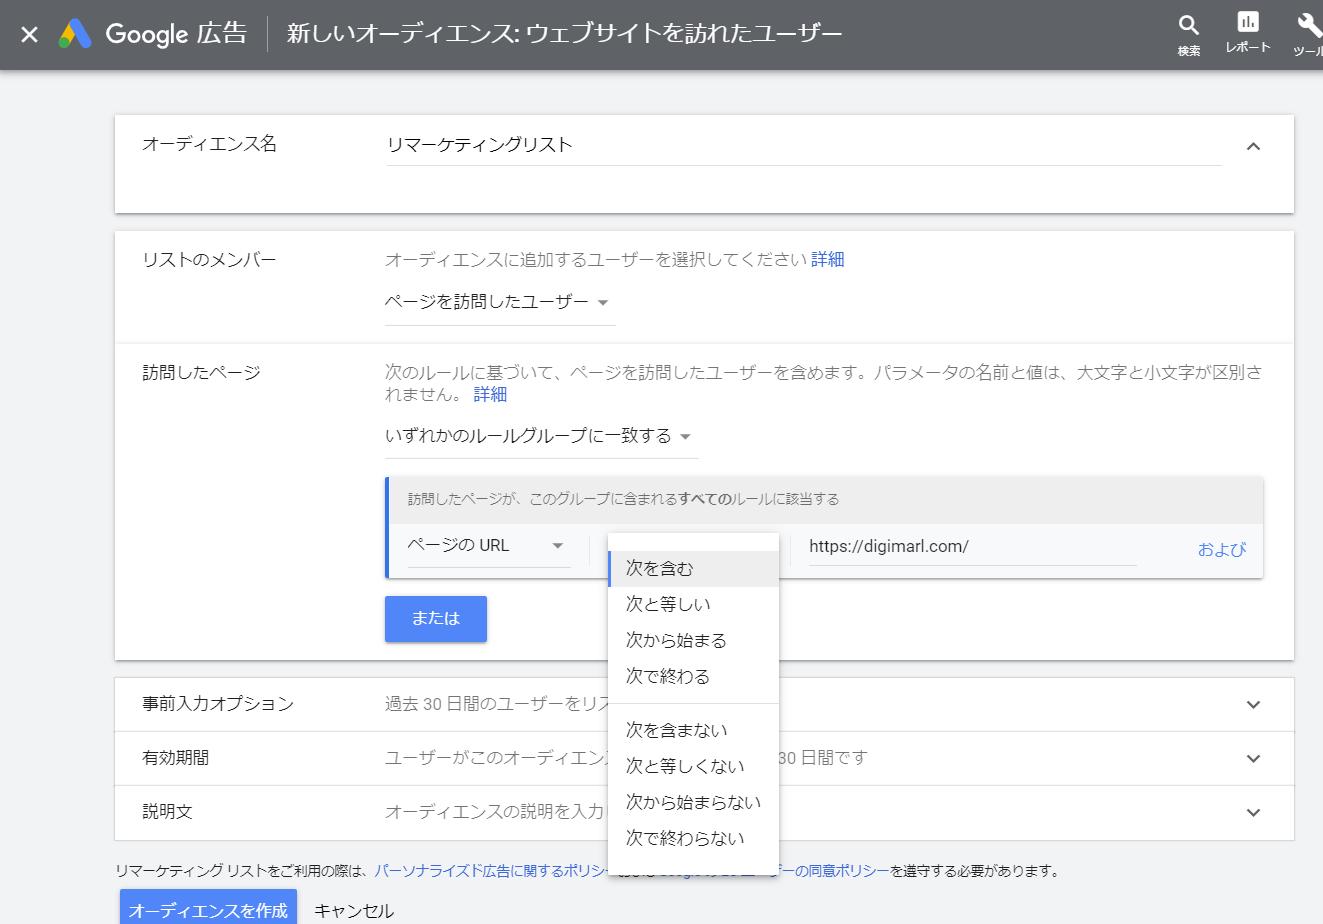 リマーケティングリストの作成でURLを設定する場合の選択肢